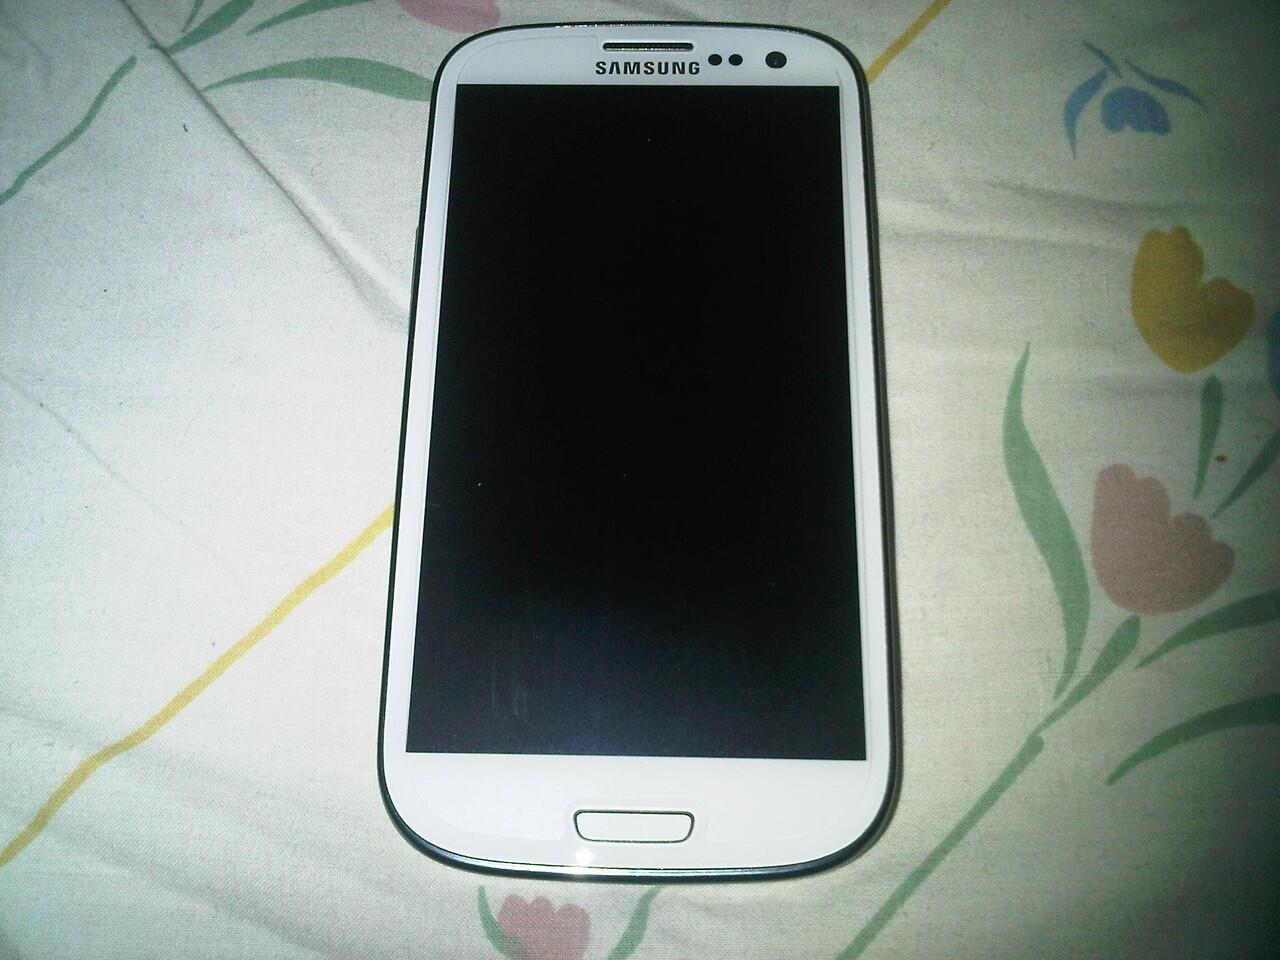 Jual Samsung Galaxy S3 murah abiisssss